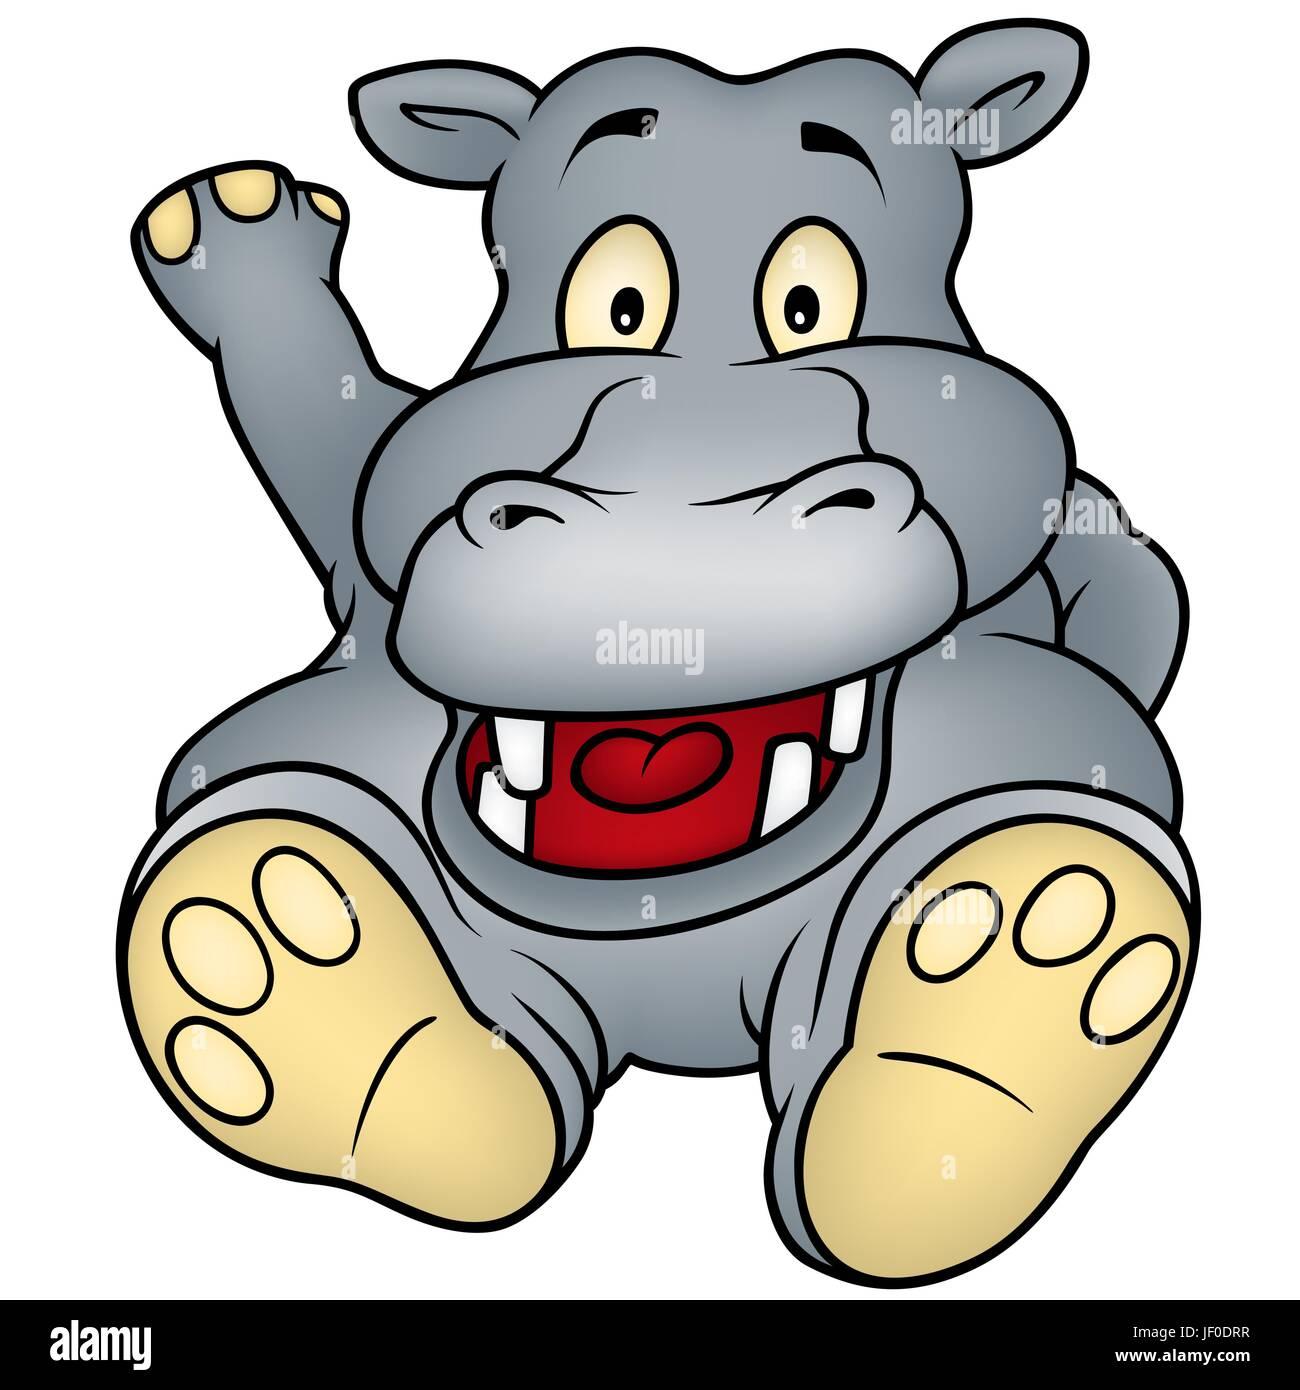 animal, hippopotamus, hippo, cartoon, laugh, laughs ...